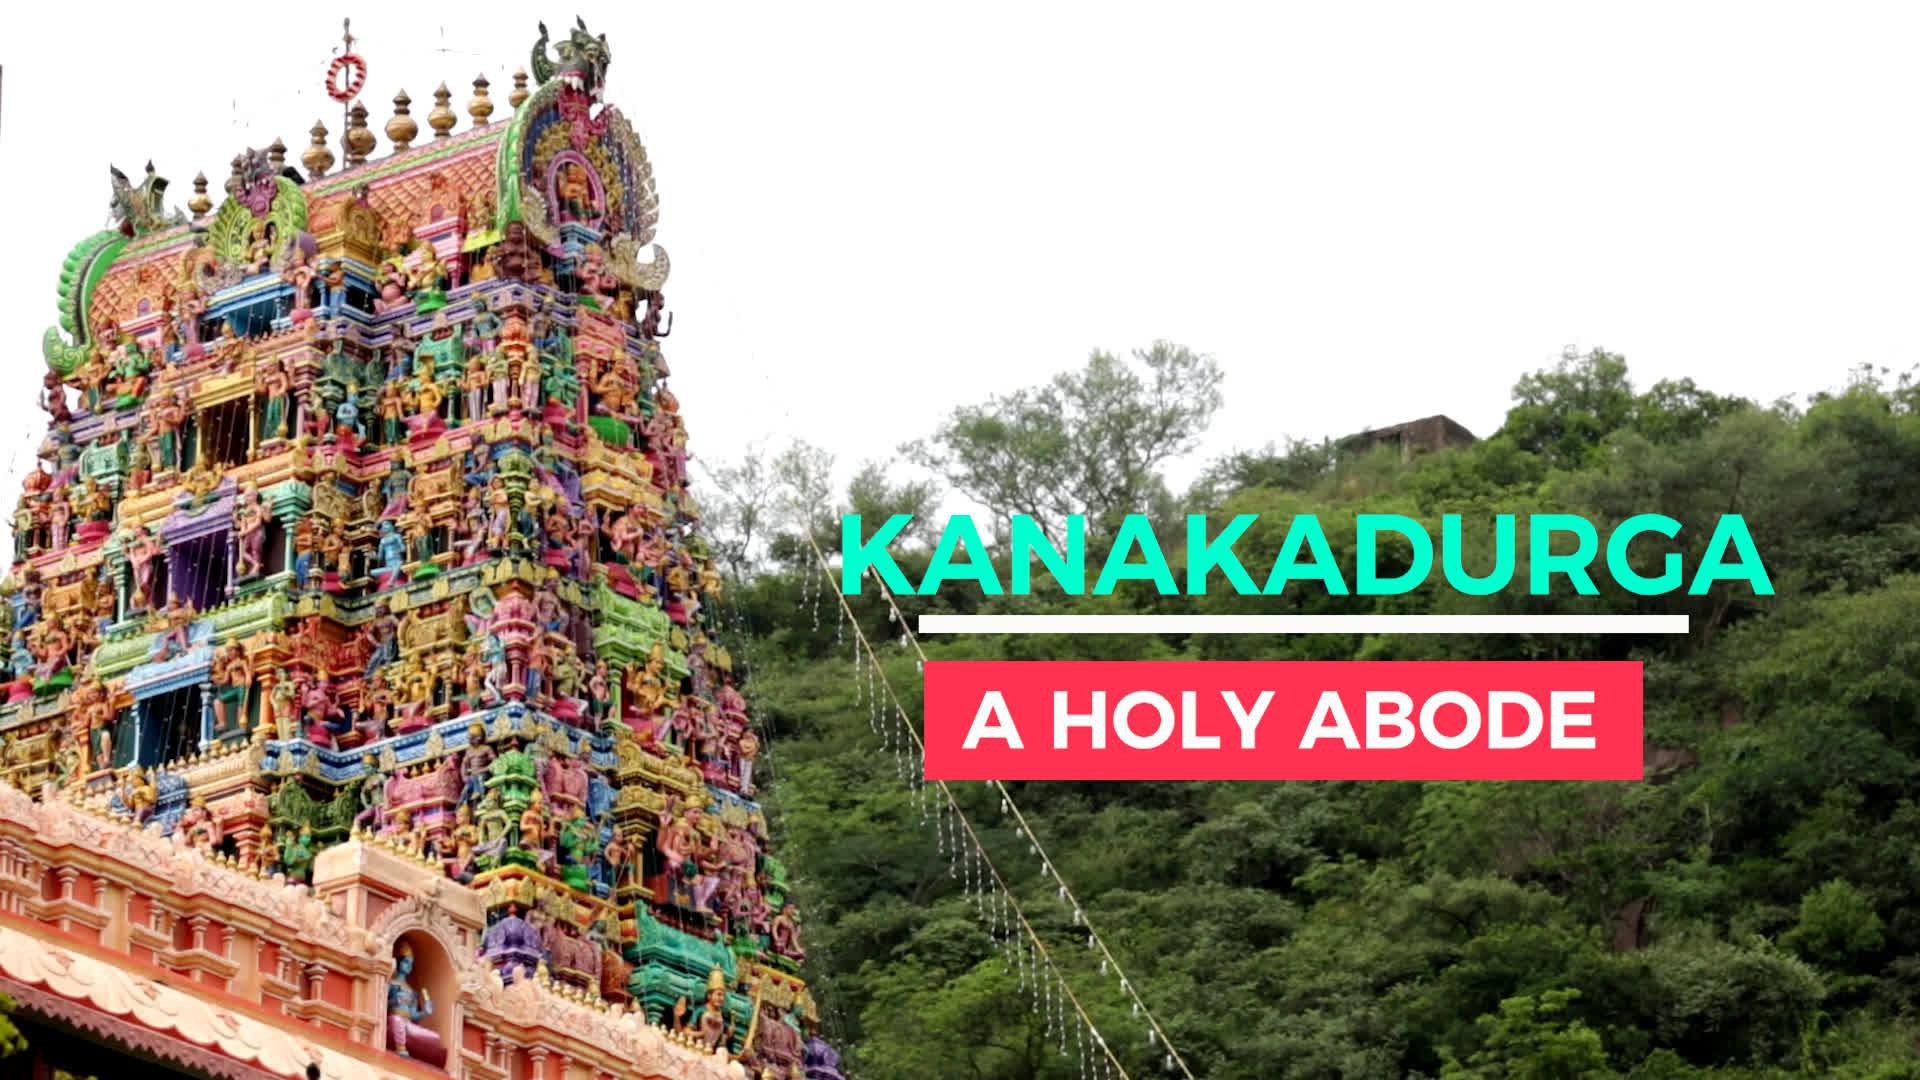 Kanakadurga: A Holy Abode